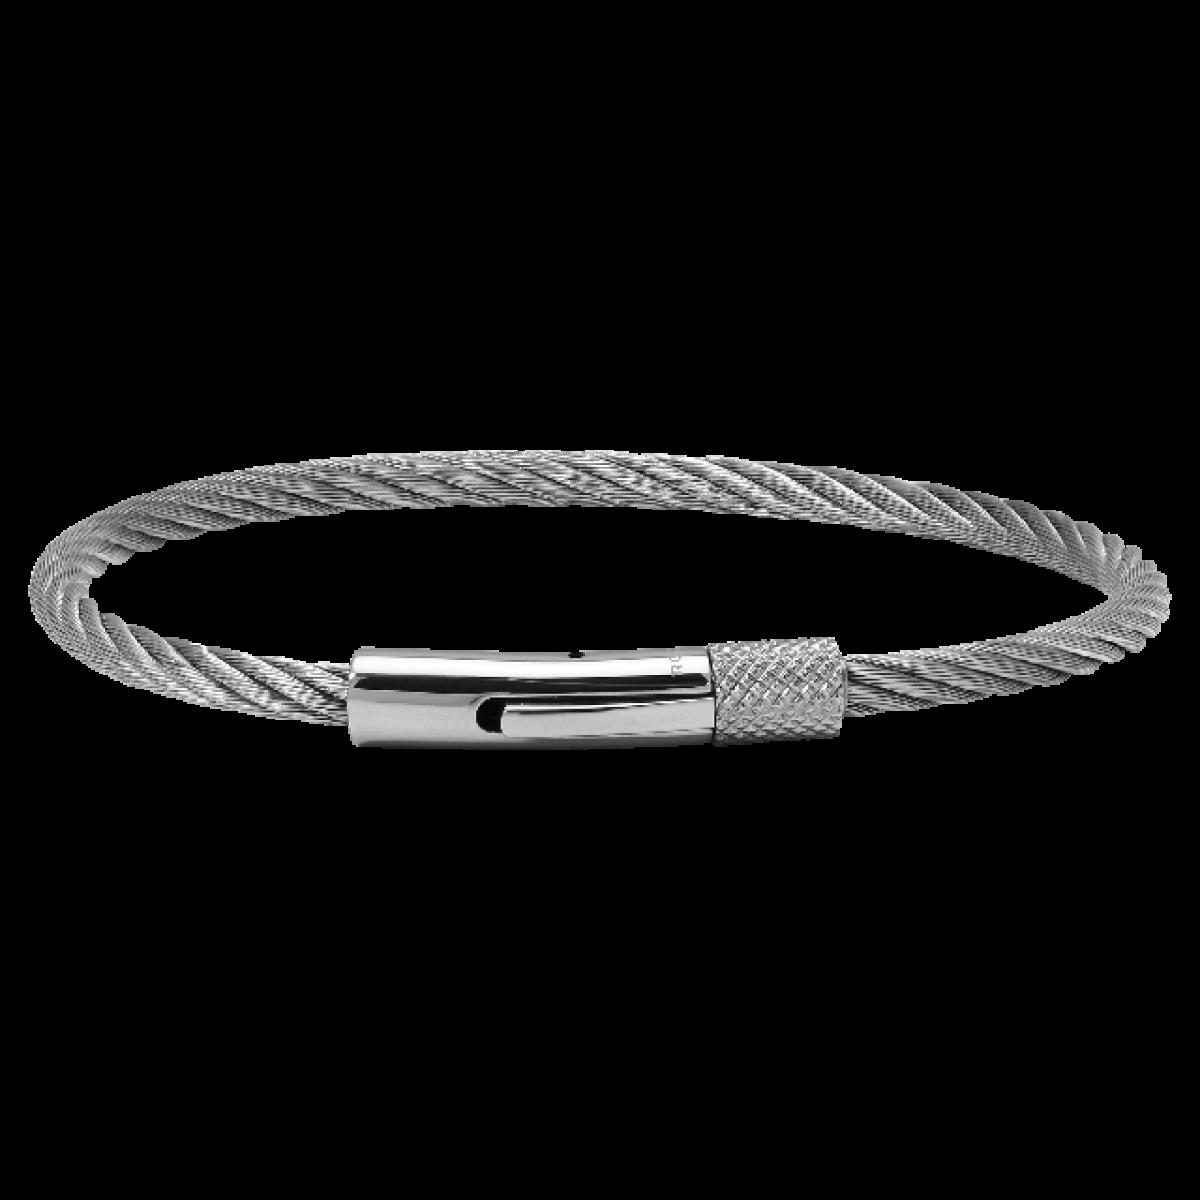 MENDINO Homme Acier Inoxydable Cuir Bracelet Tressé Cable Menotte Noir Argent Or